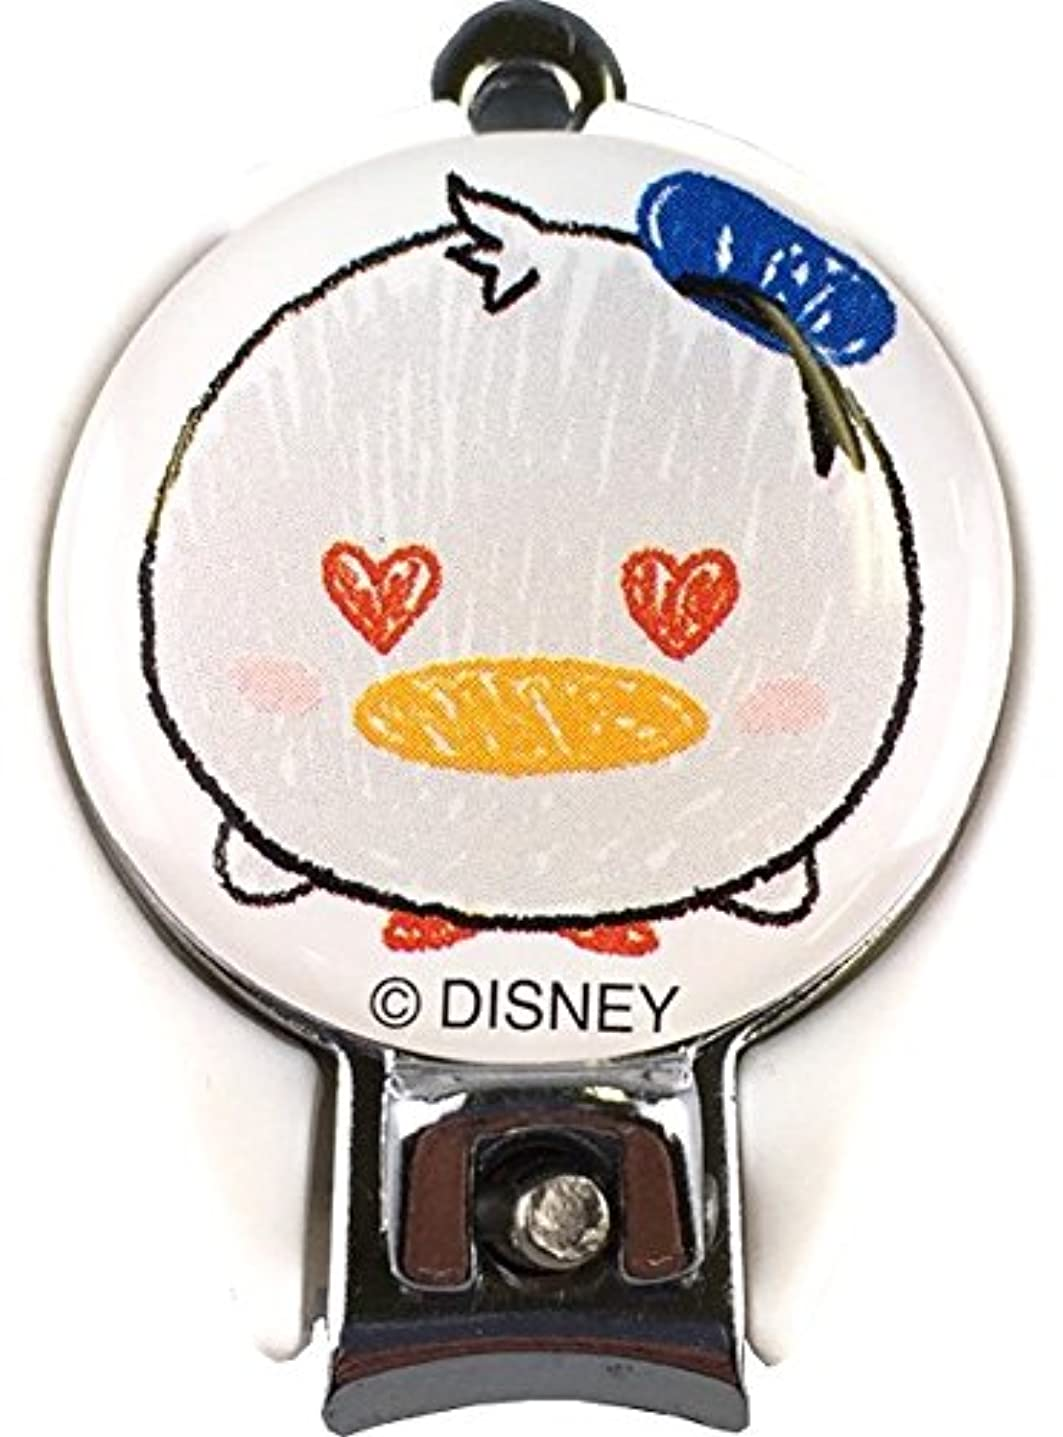 ブランド食料品店曲げるヤクセル ディズニー 丸型つめ切り TsumTsum ドナルド 60054